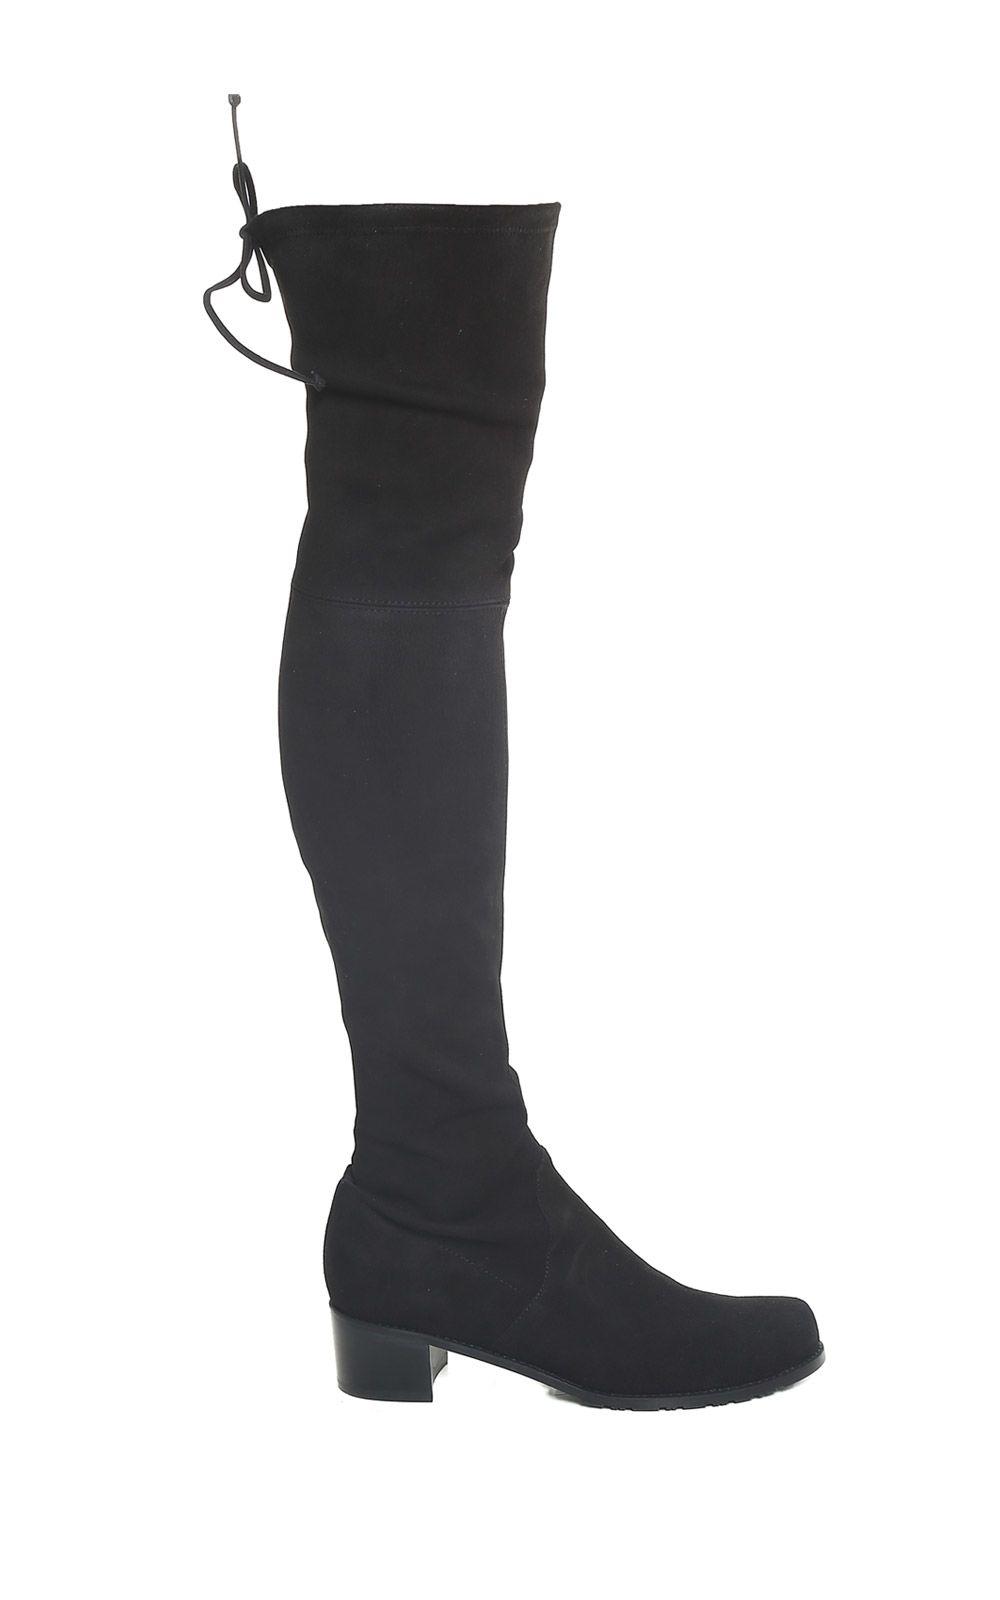 Stuart Weitzman Midland Thigh-high Stretch-suede Boots